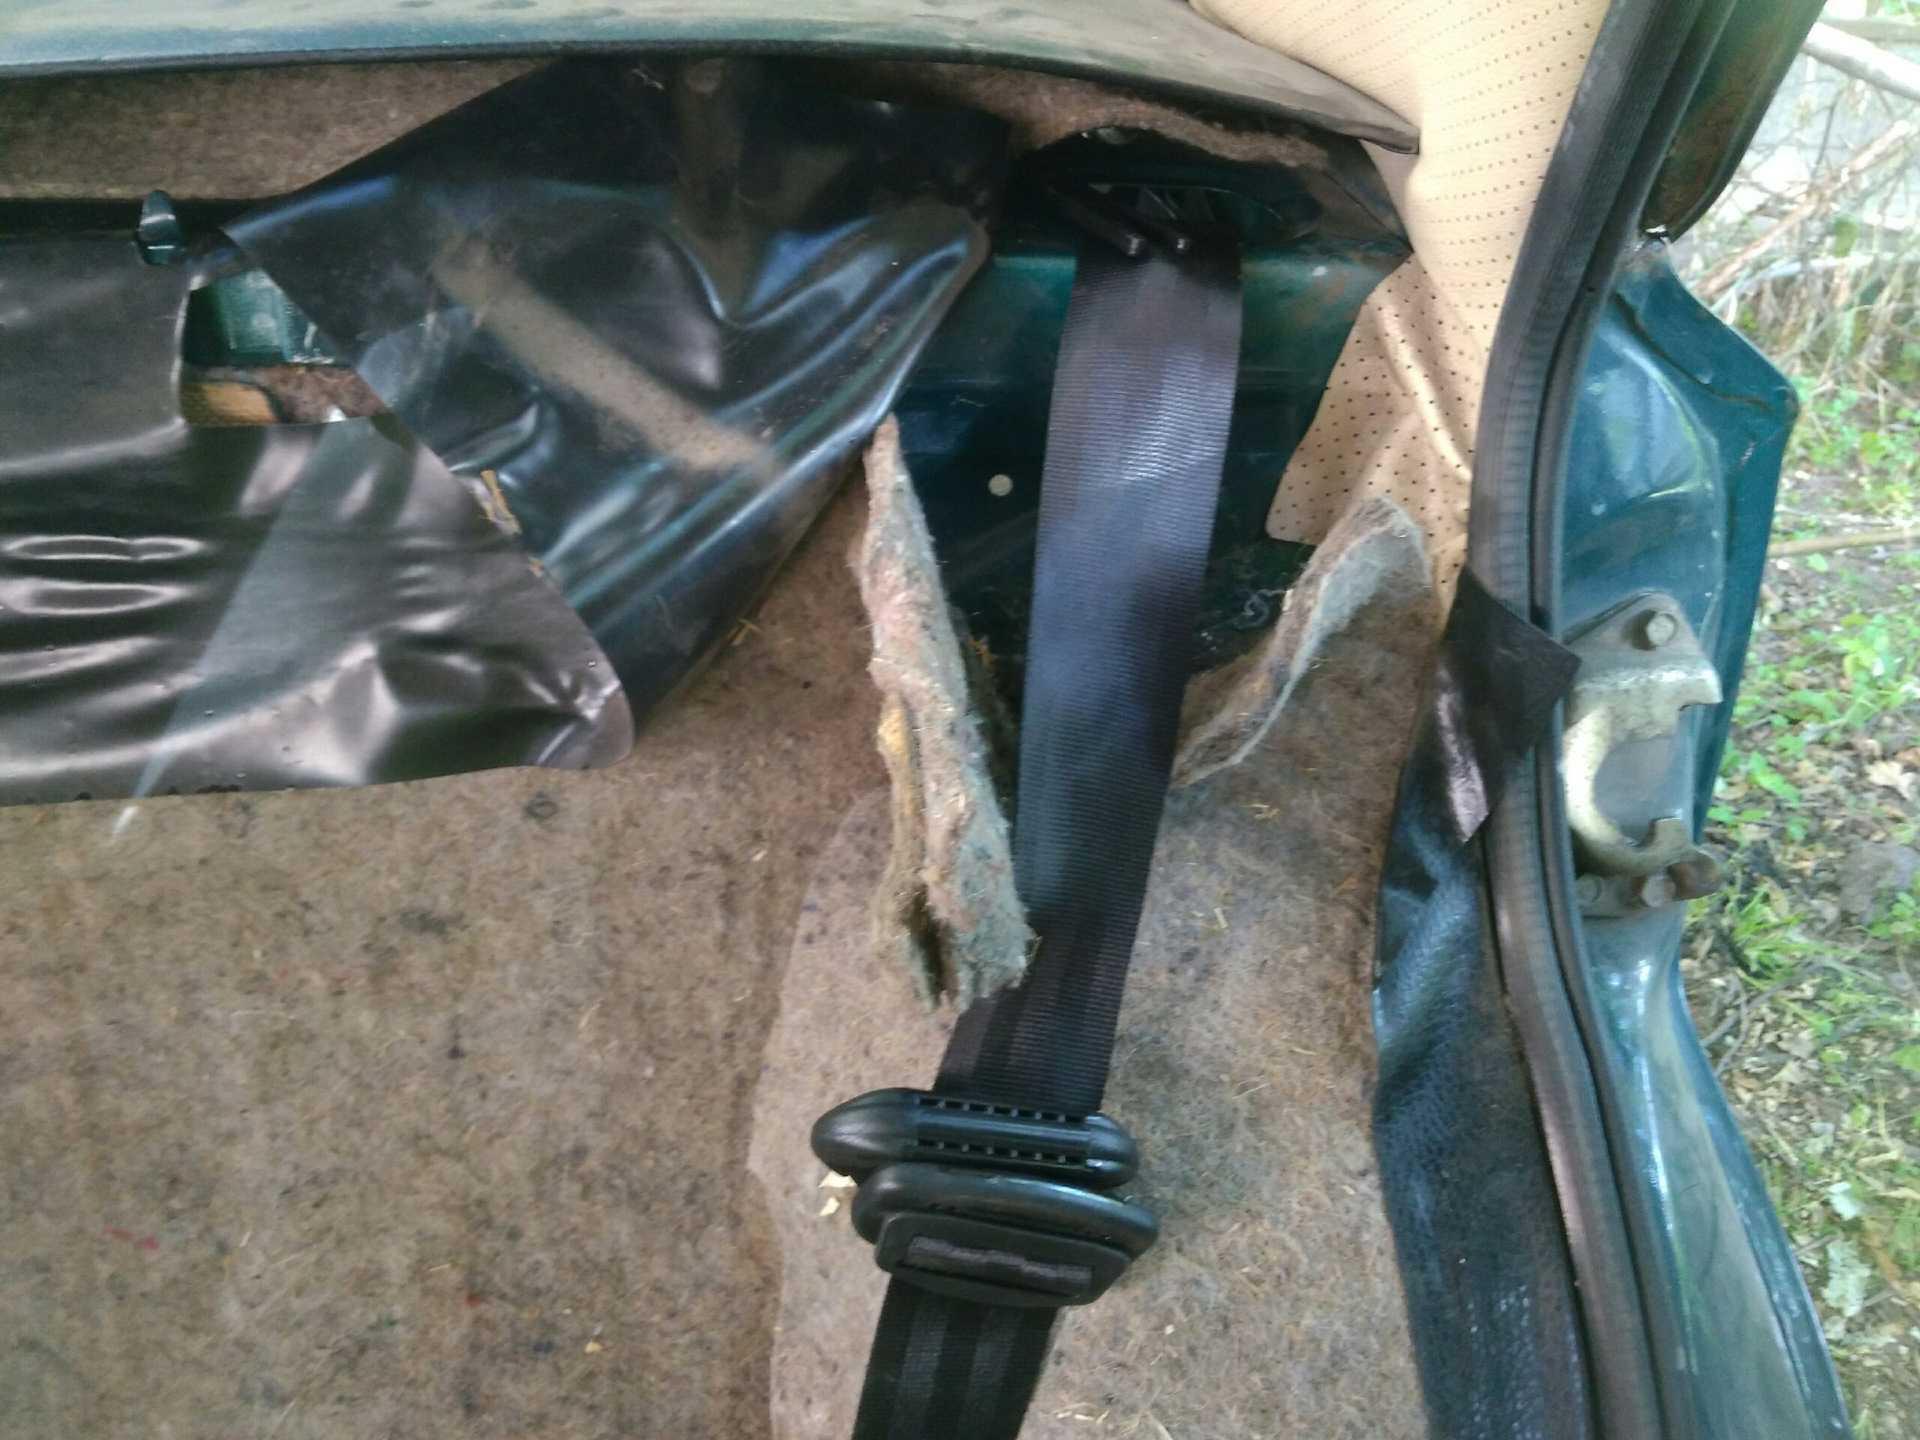 Поэтапная инструкция по устаовке задних ремней безопасности на автомобиль ВАЗ 2106Автомобиль – это место, где человеку часто грозит опасность. Поэтому современные автомобили оснащаются различными системами и средствами.